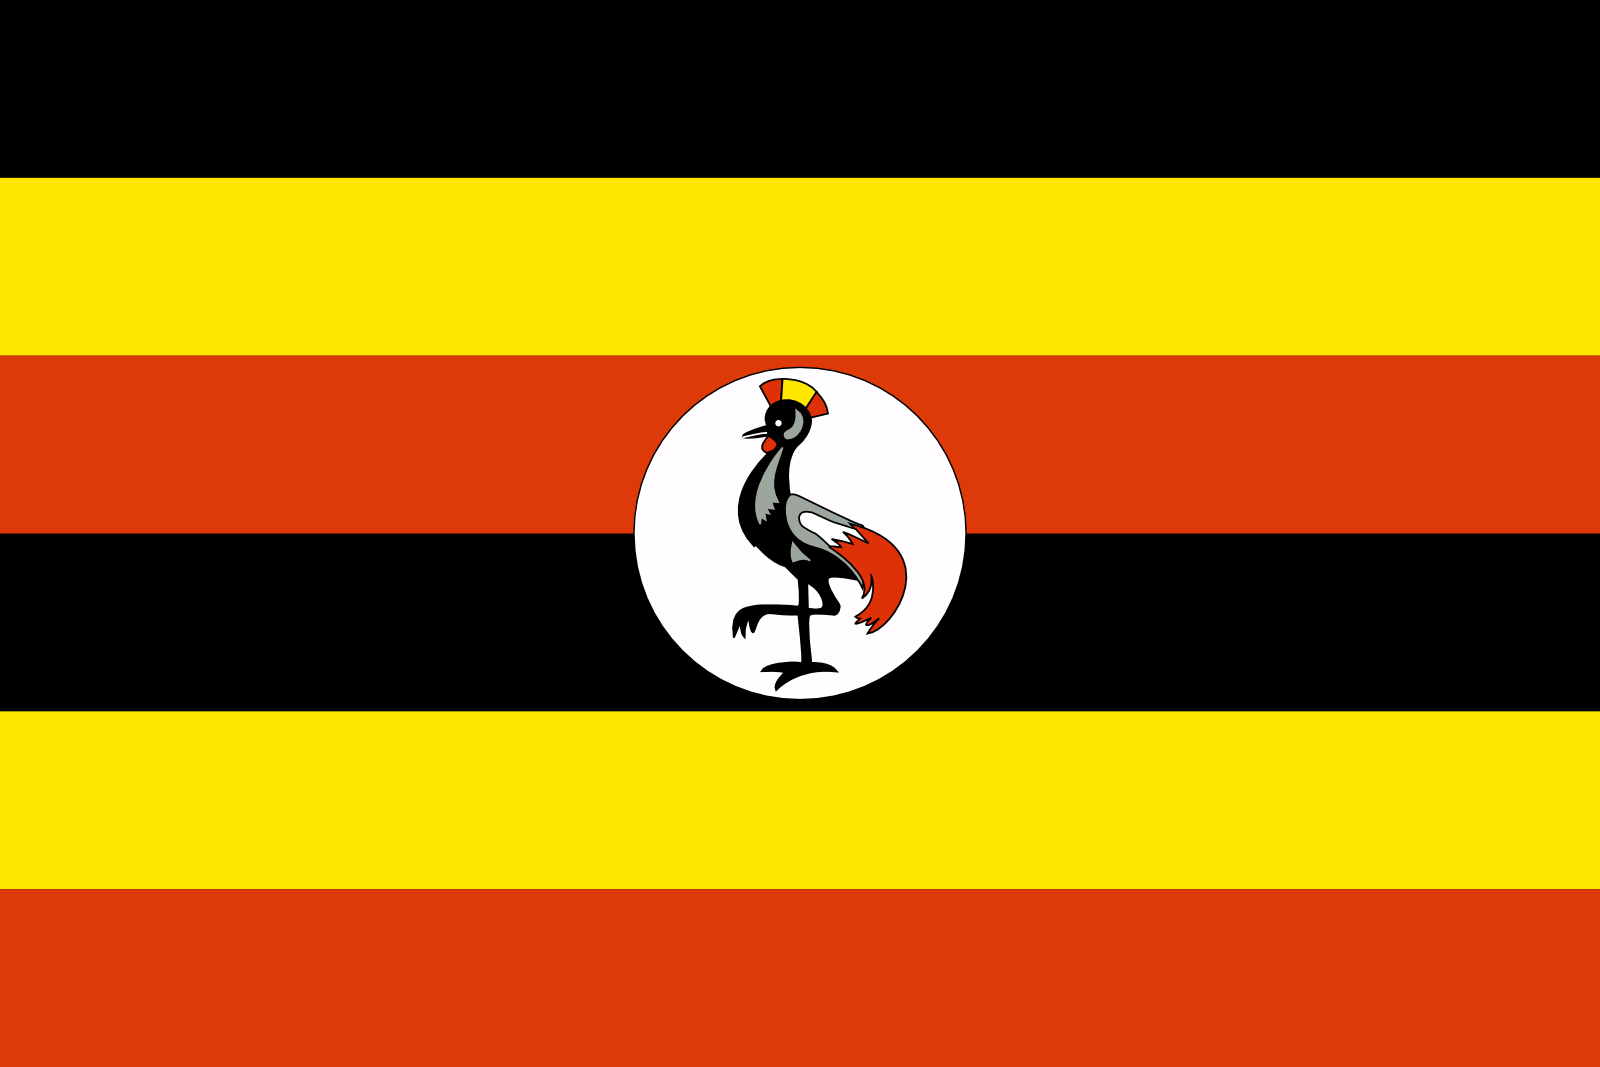 imagenes de banderas hd216 200 Imágenes de Banderas en HD (Wallpapers)